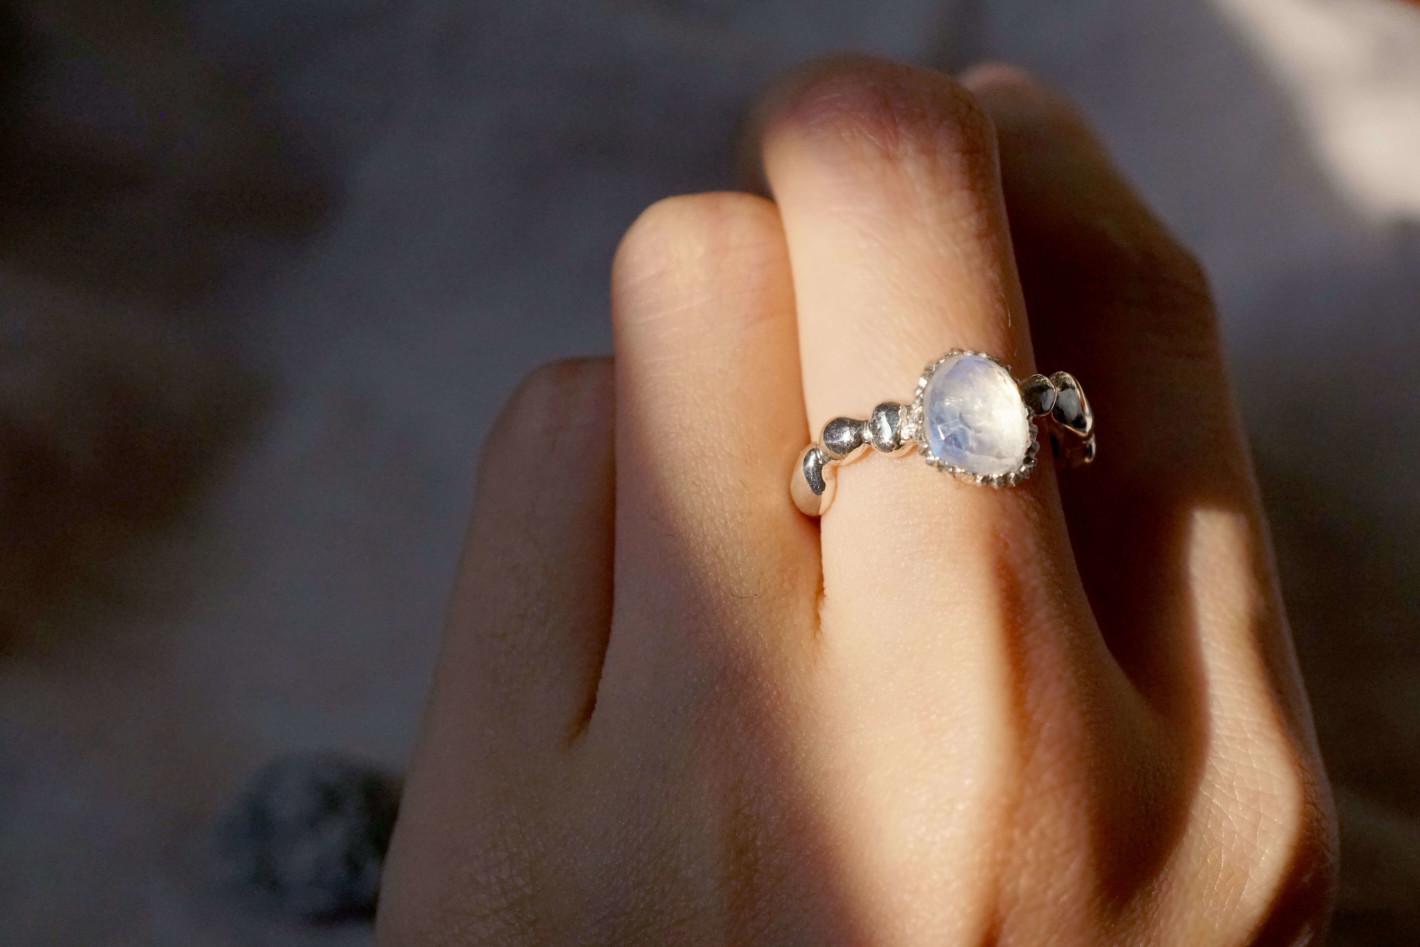 chia jewelry訂製珠寶-月光石痘痘石子戒,銀飾設計、飾品設計、婚戒設計,訂製你的專屬首飾